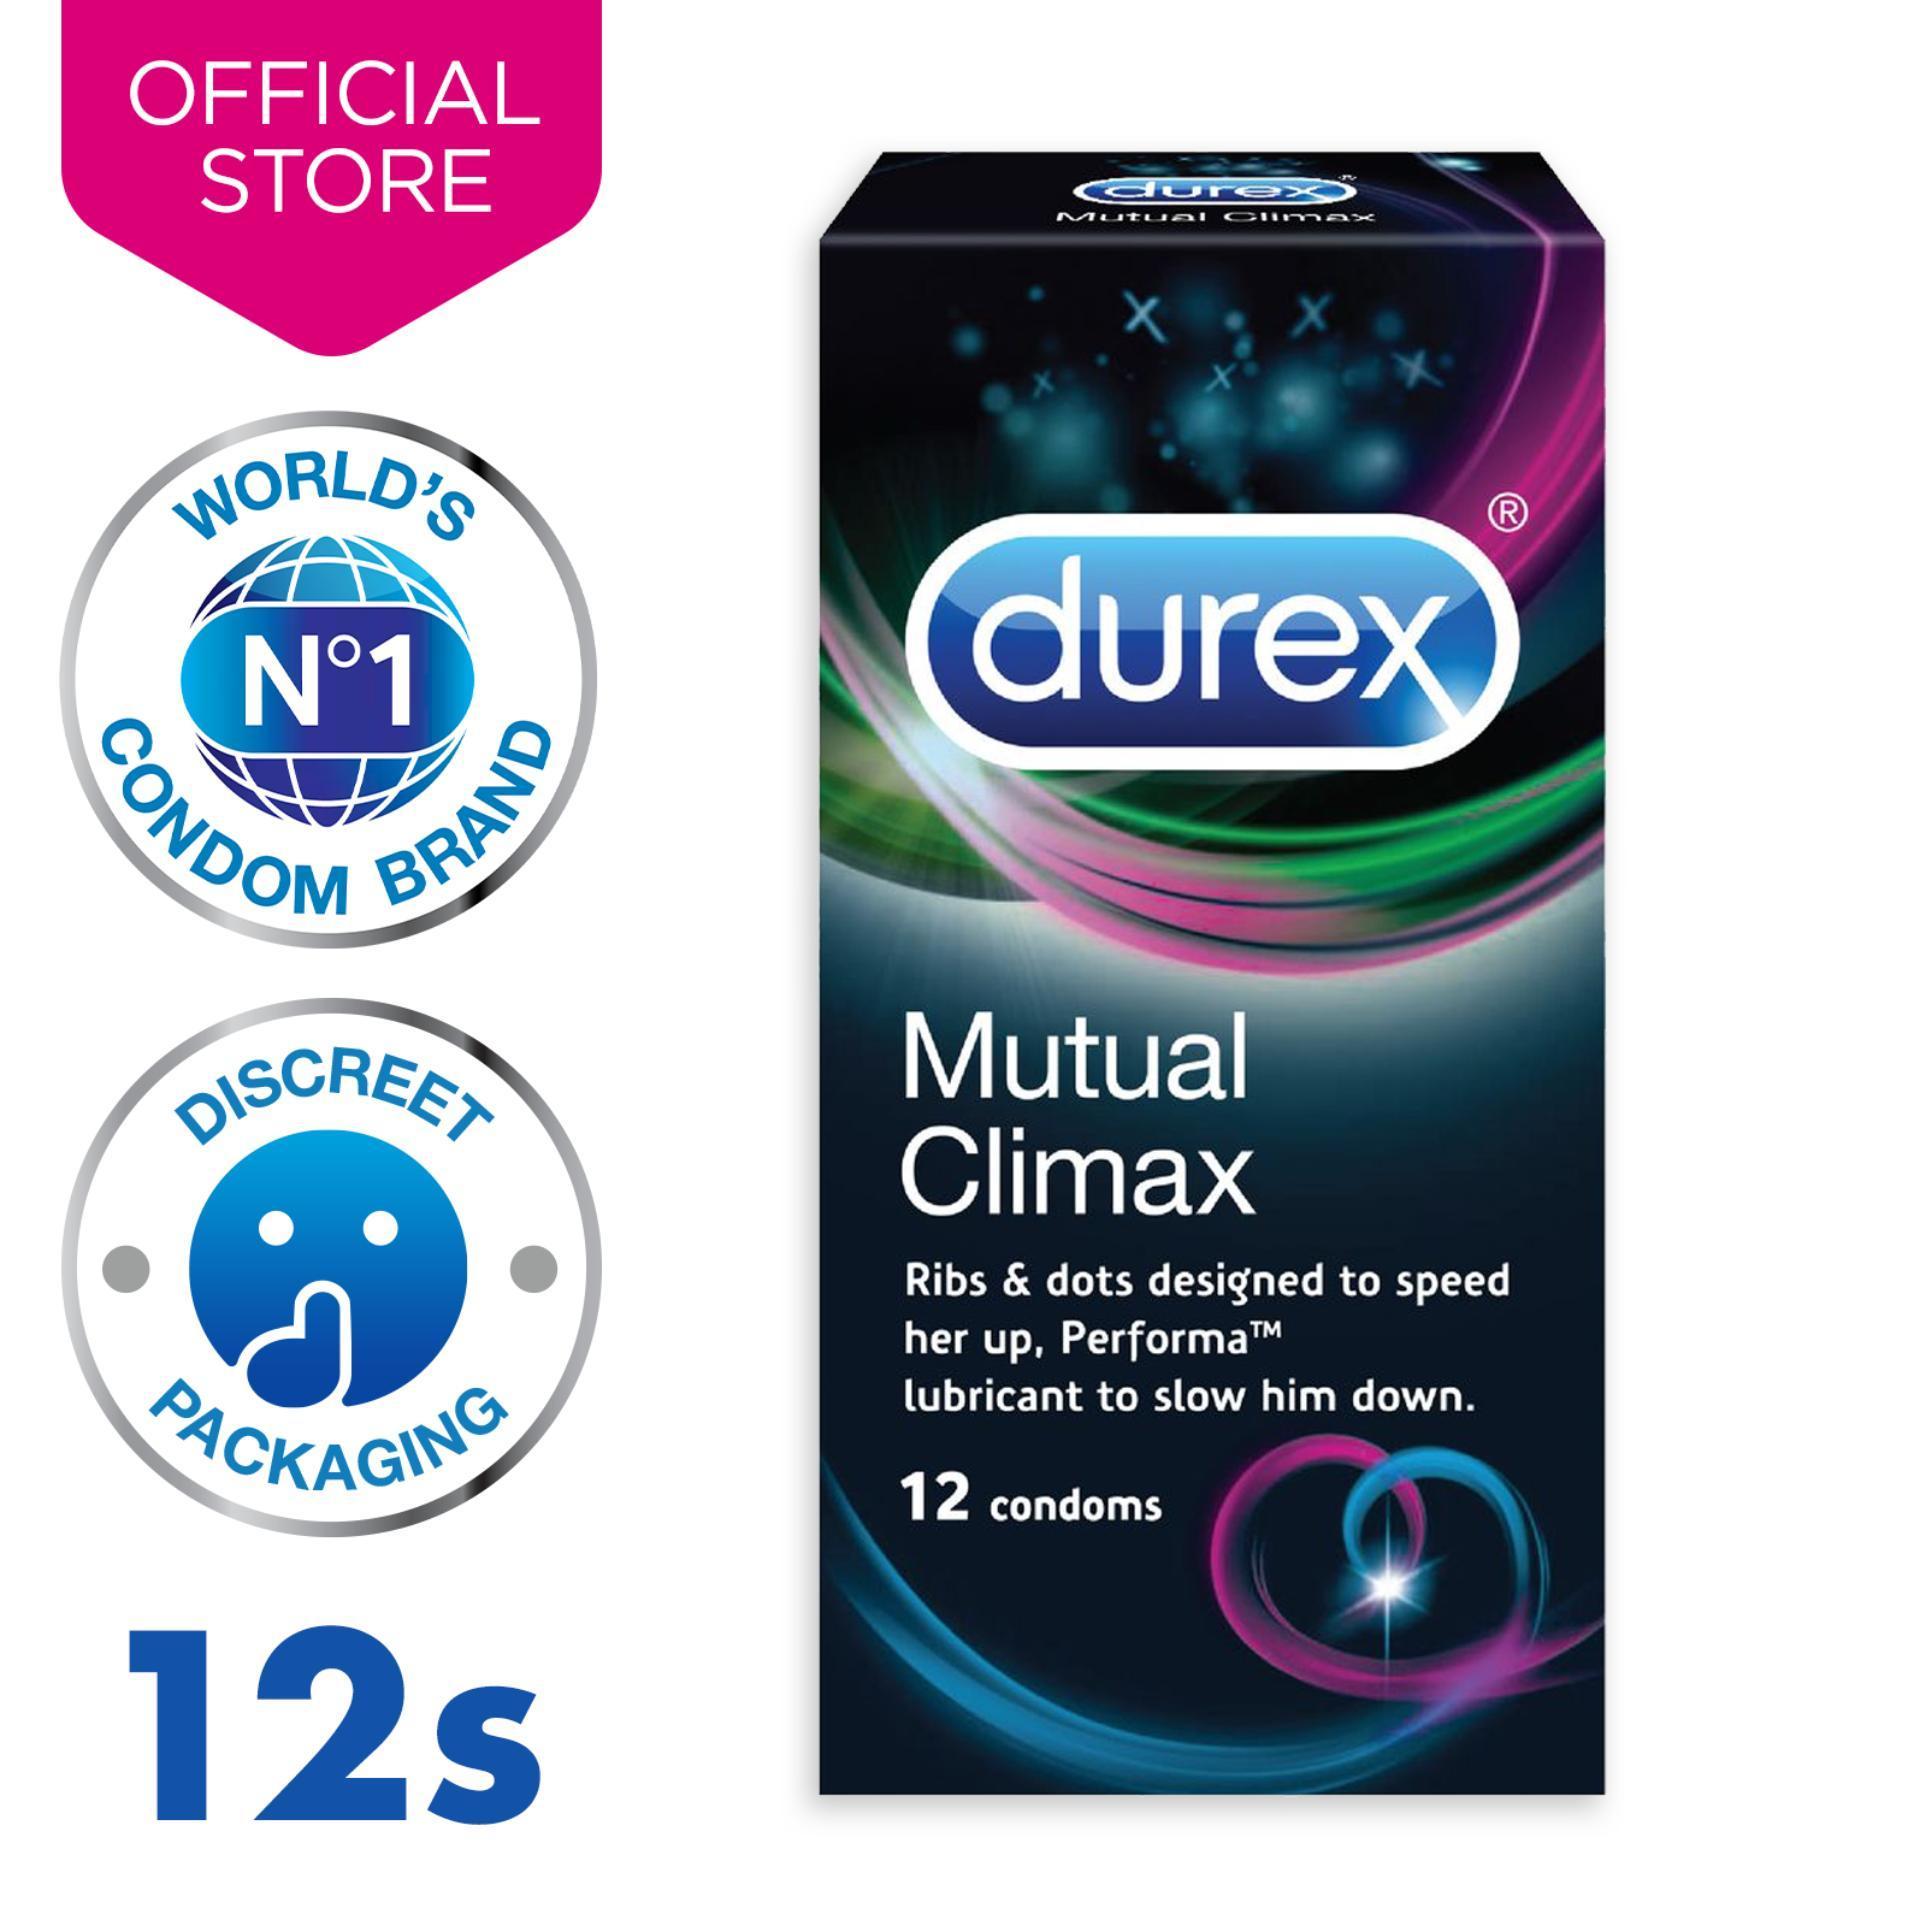 Durex Mutual Climax 12s By Durex.